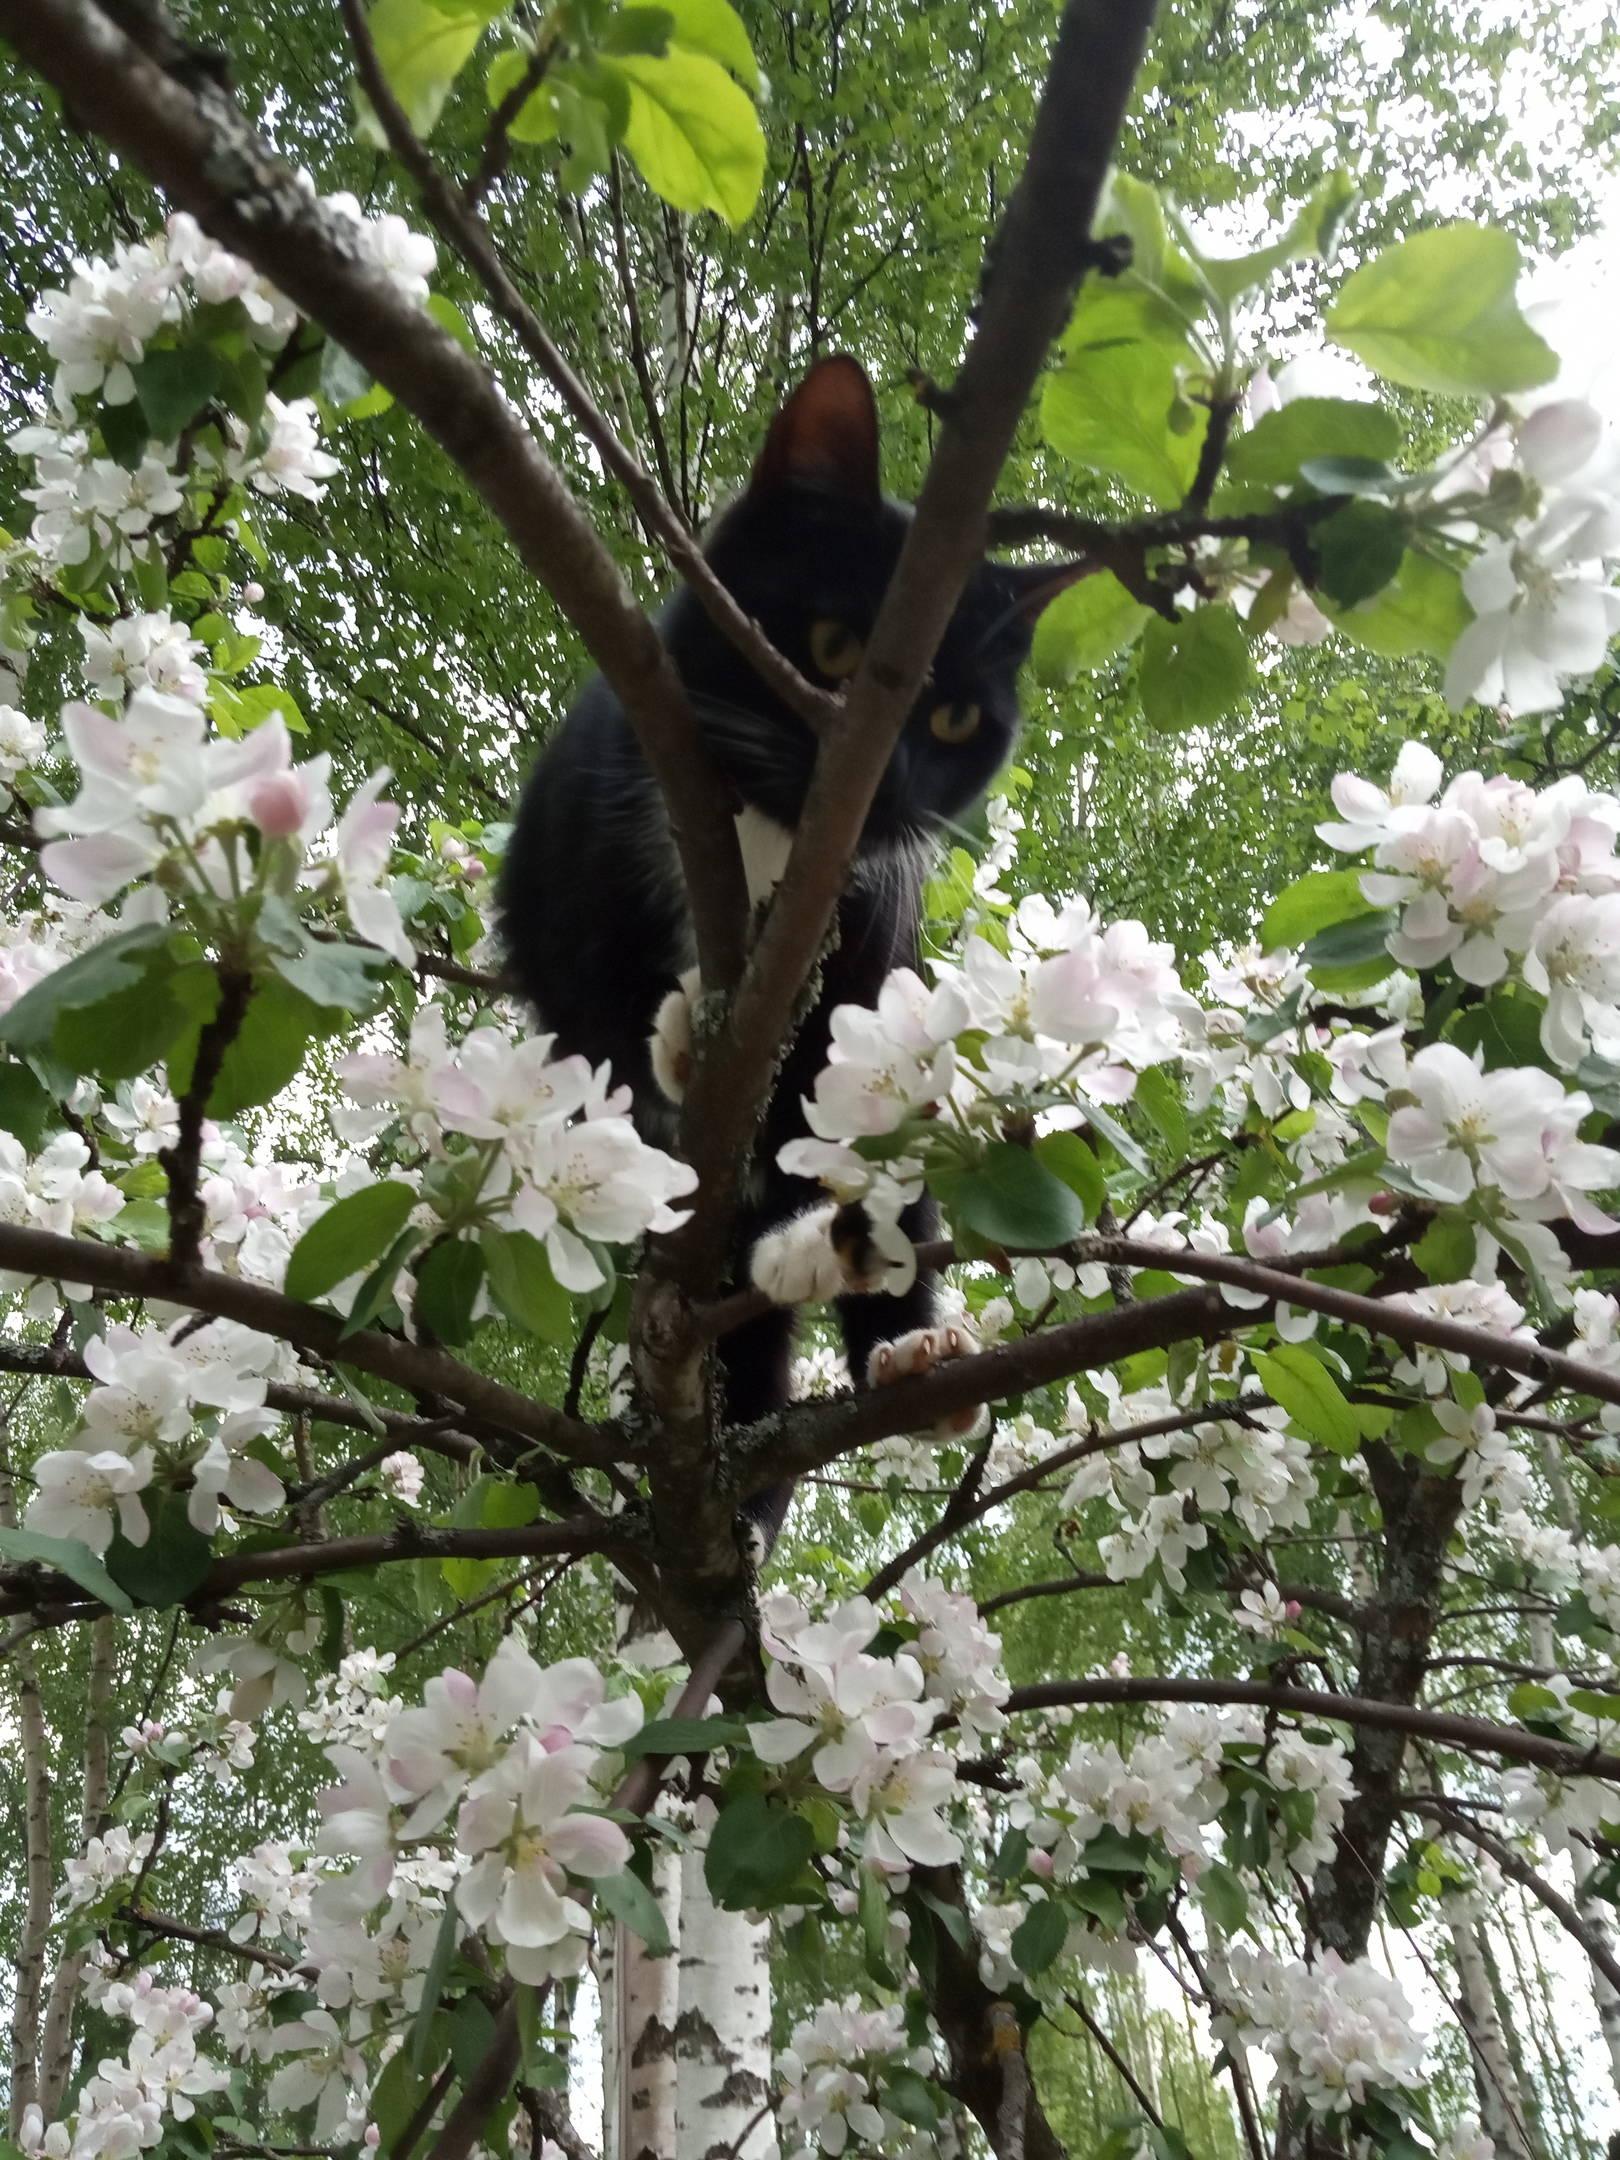 Просто несколько весенних фото, радость момента цветения, долгожданного тепла и лета...